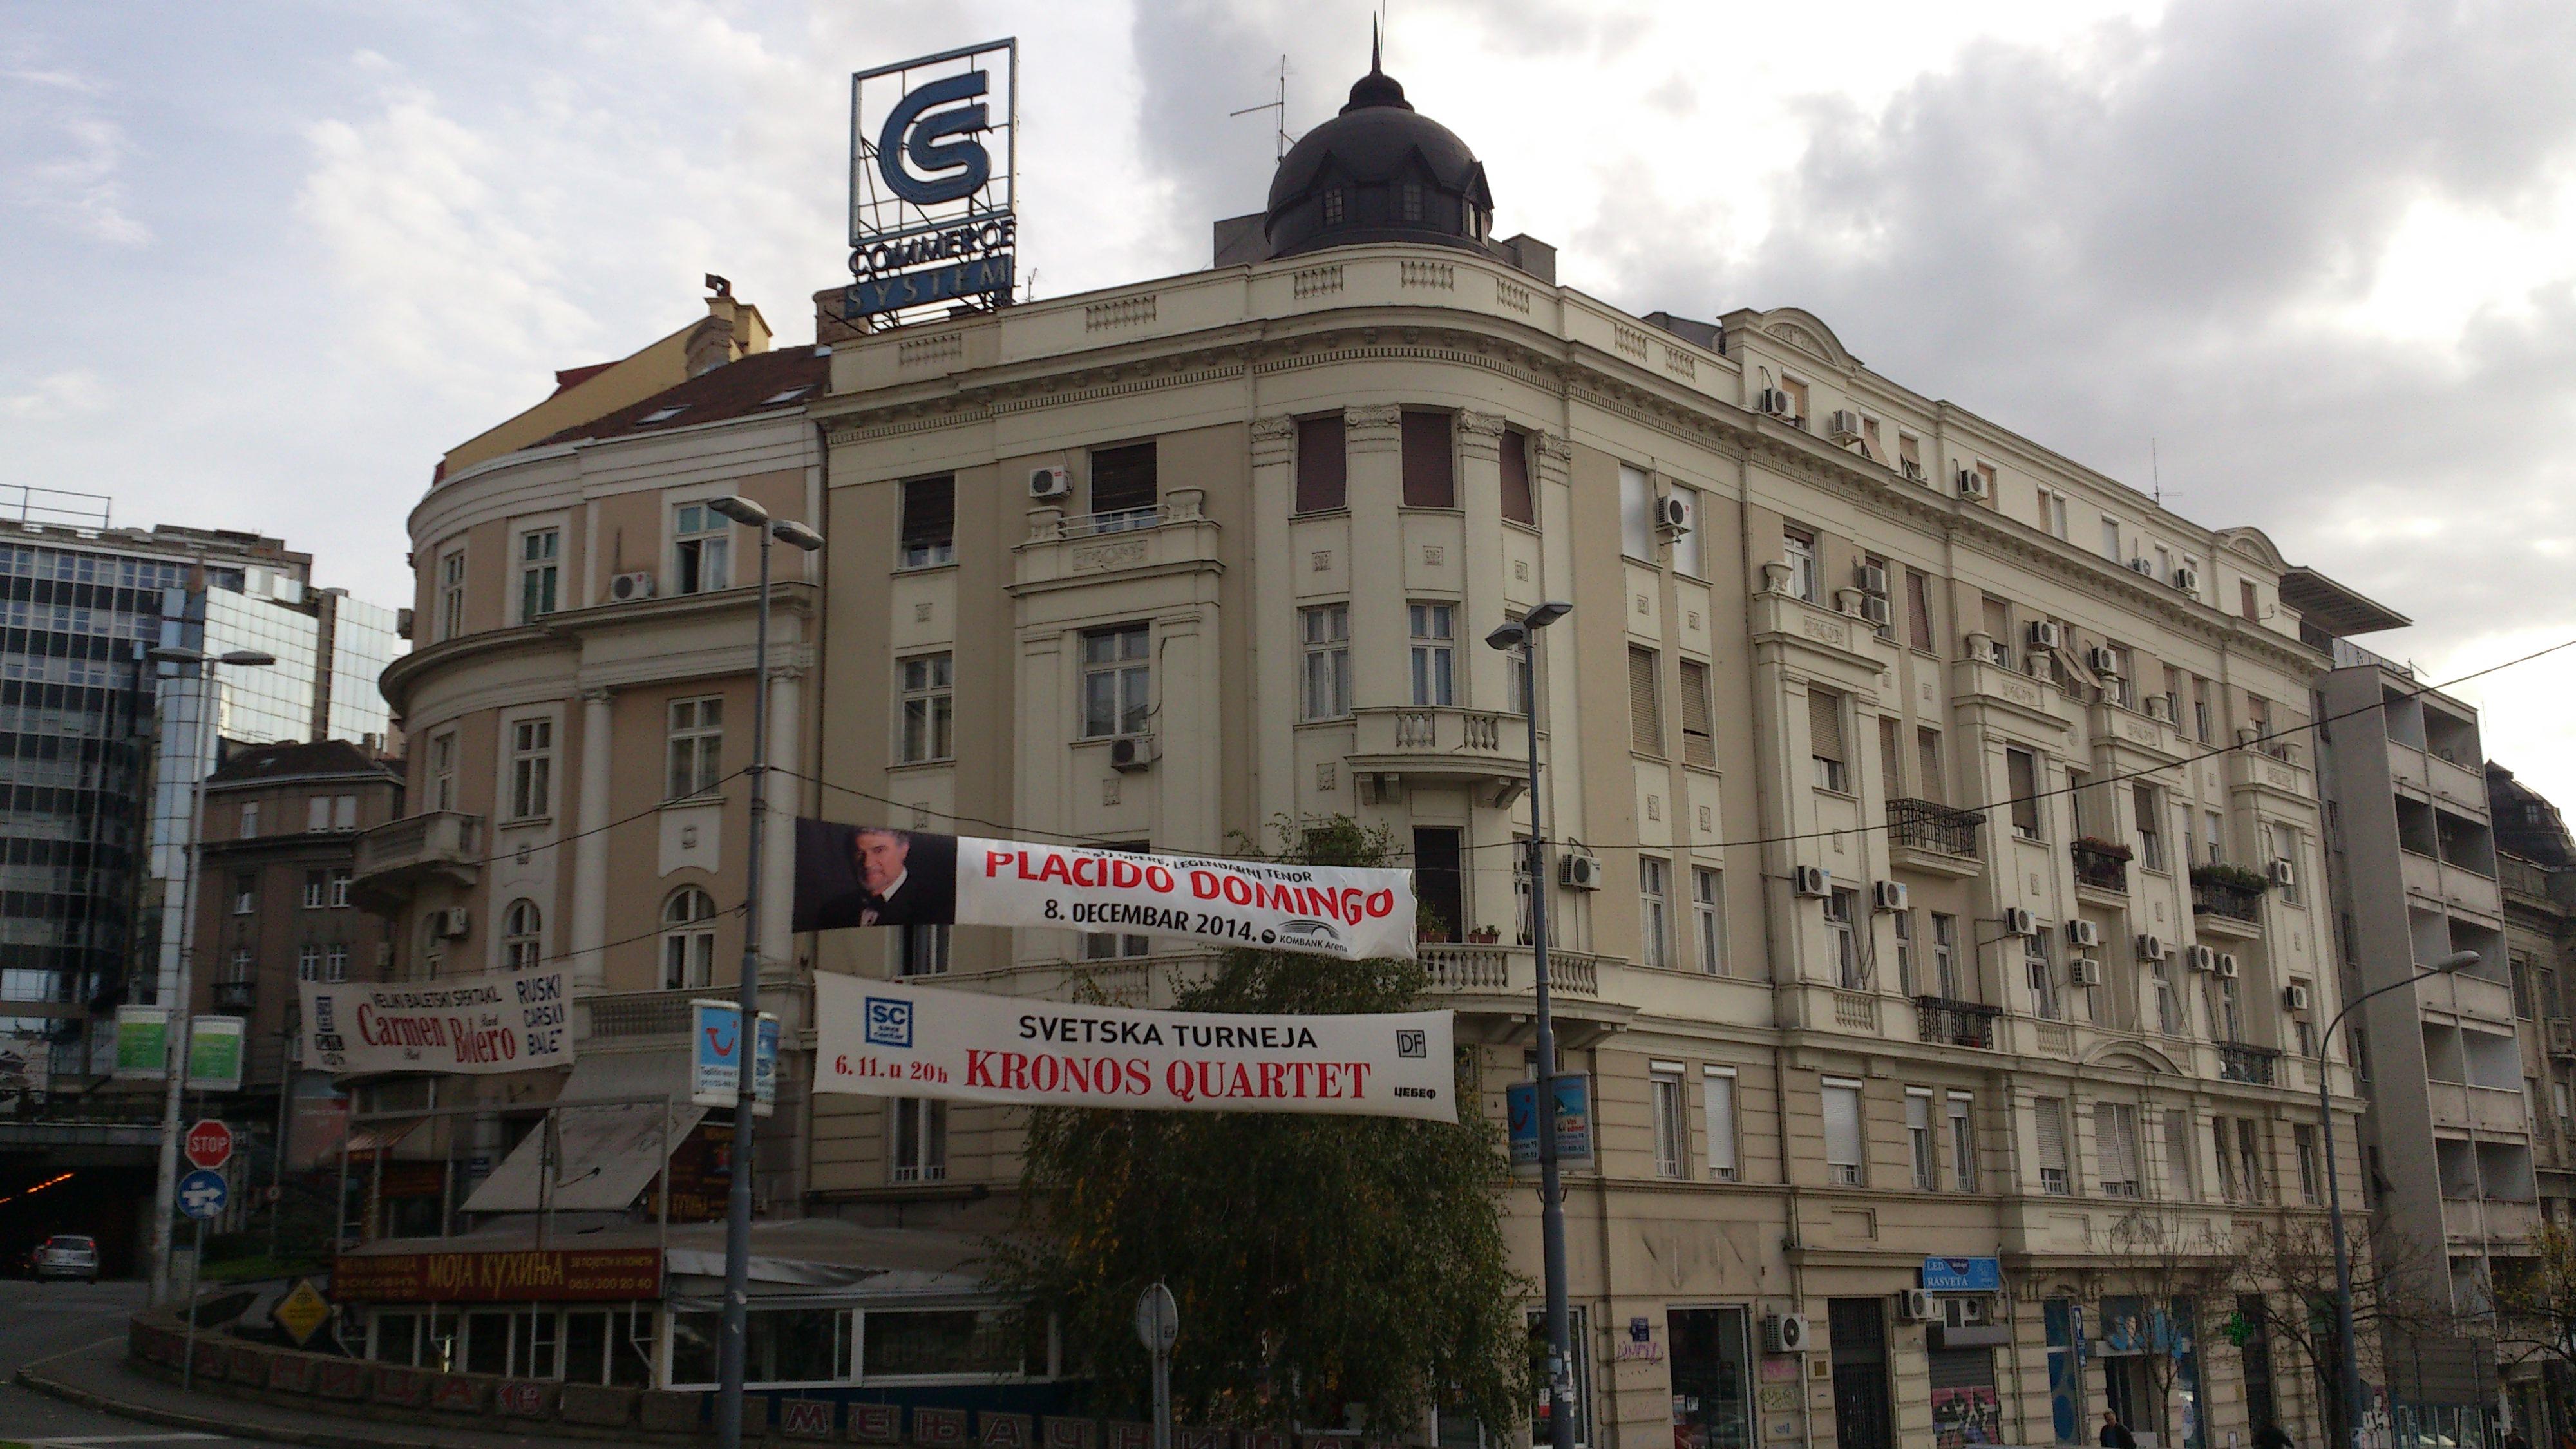 Prizrenska 13 Belgrade